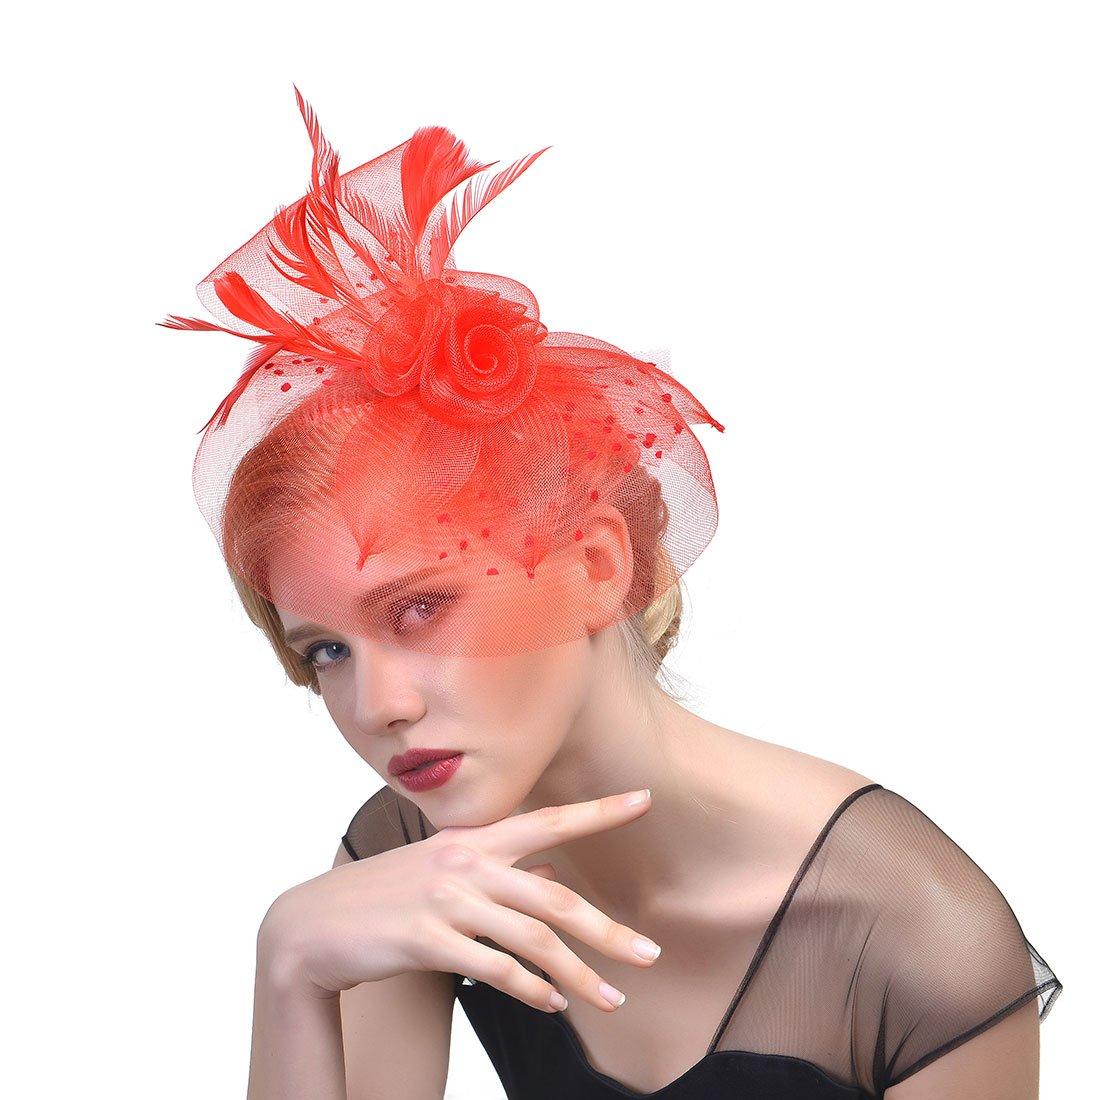 dressfan Élégant Fleur Polka Dot Circulaire Maille Net Voile Fascinator Cheveux Clip Bandeau Chapeau De Mariage Cocktail